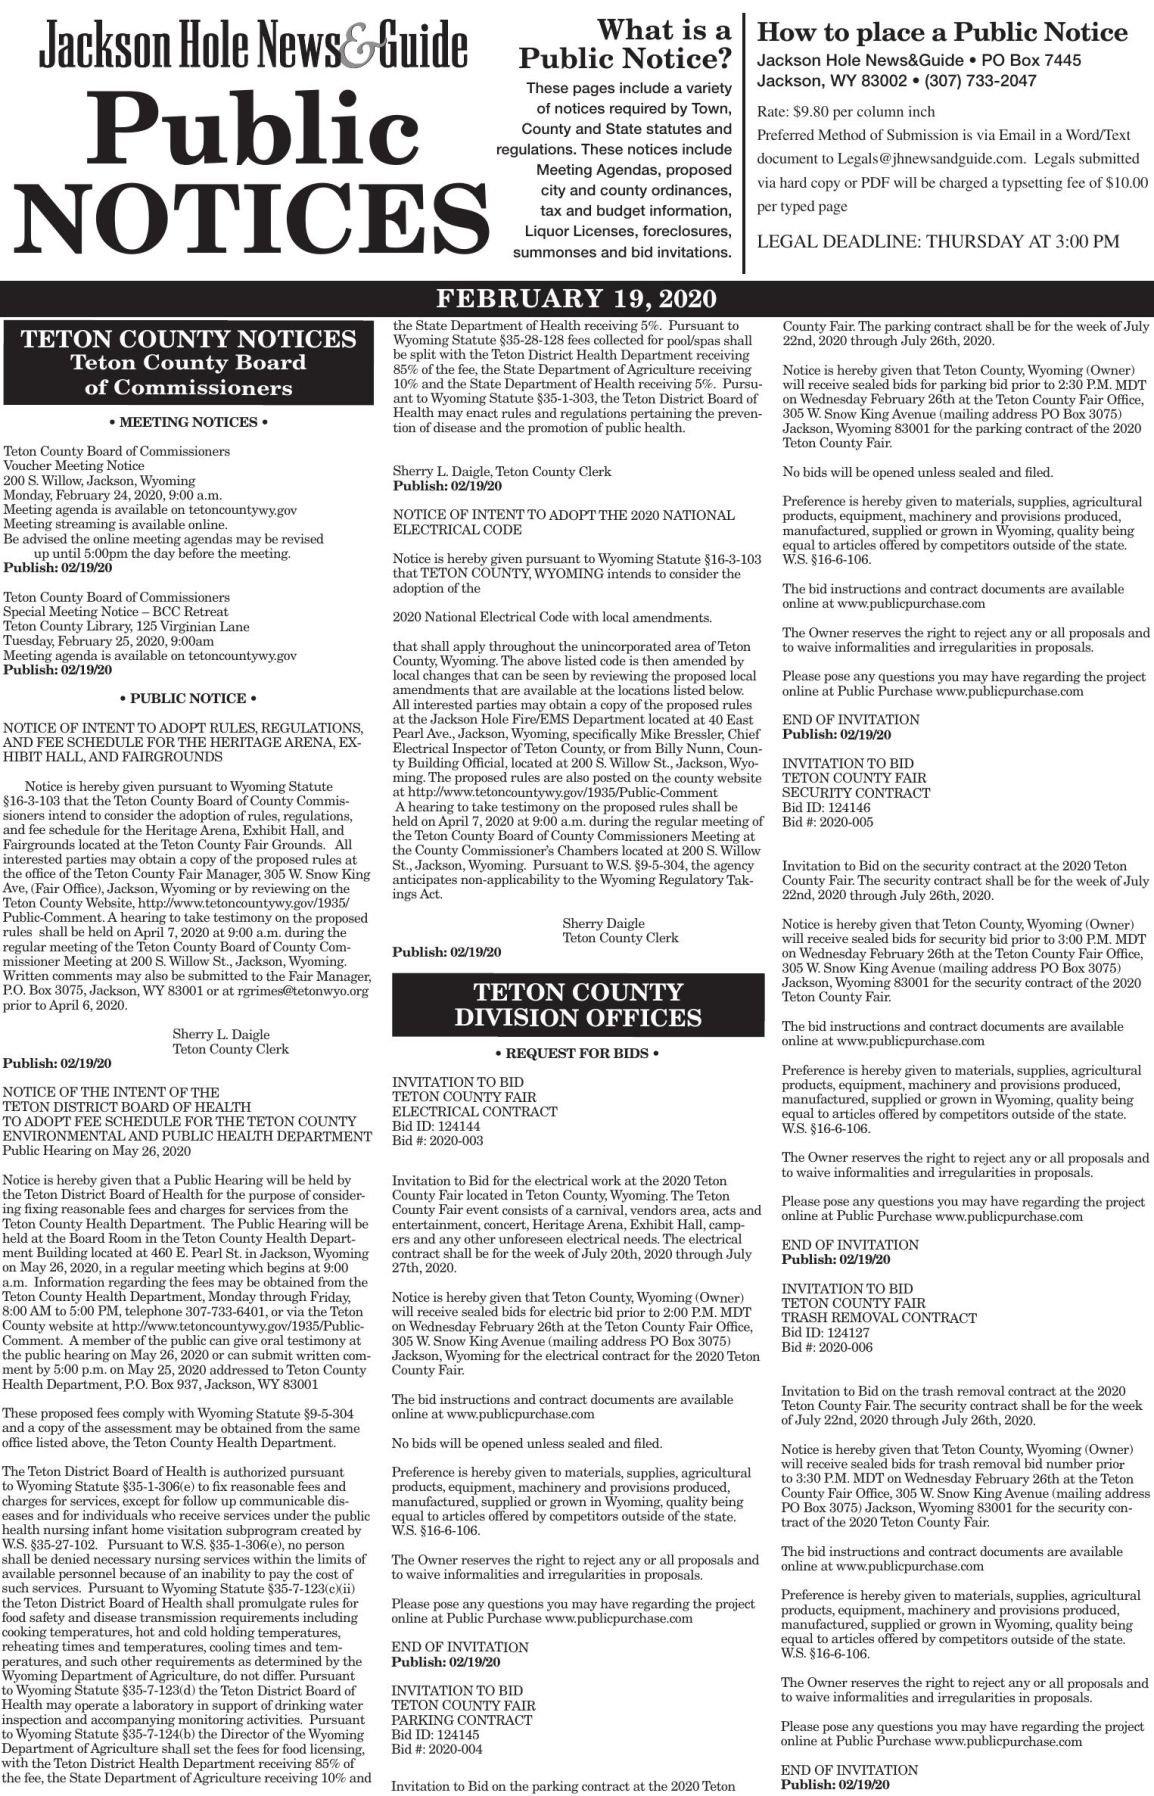 Public Notices, February 19, 2020